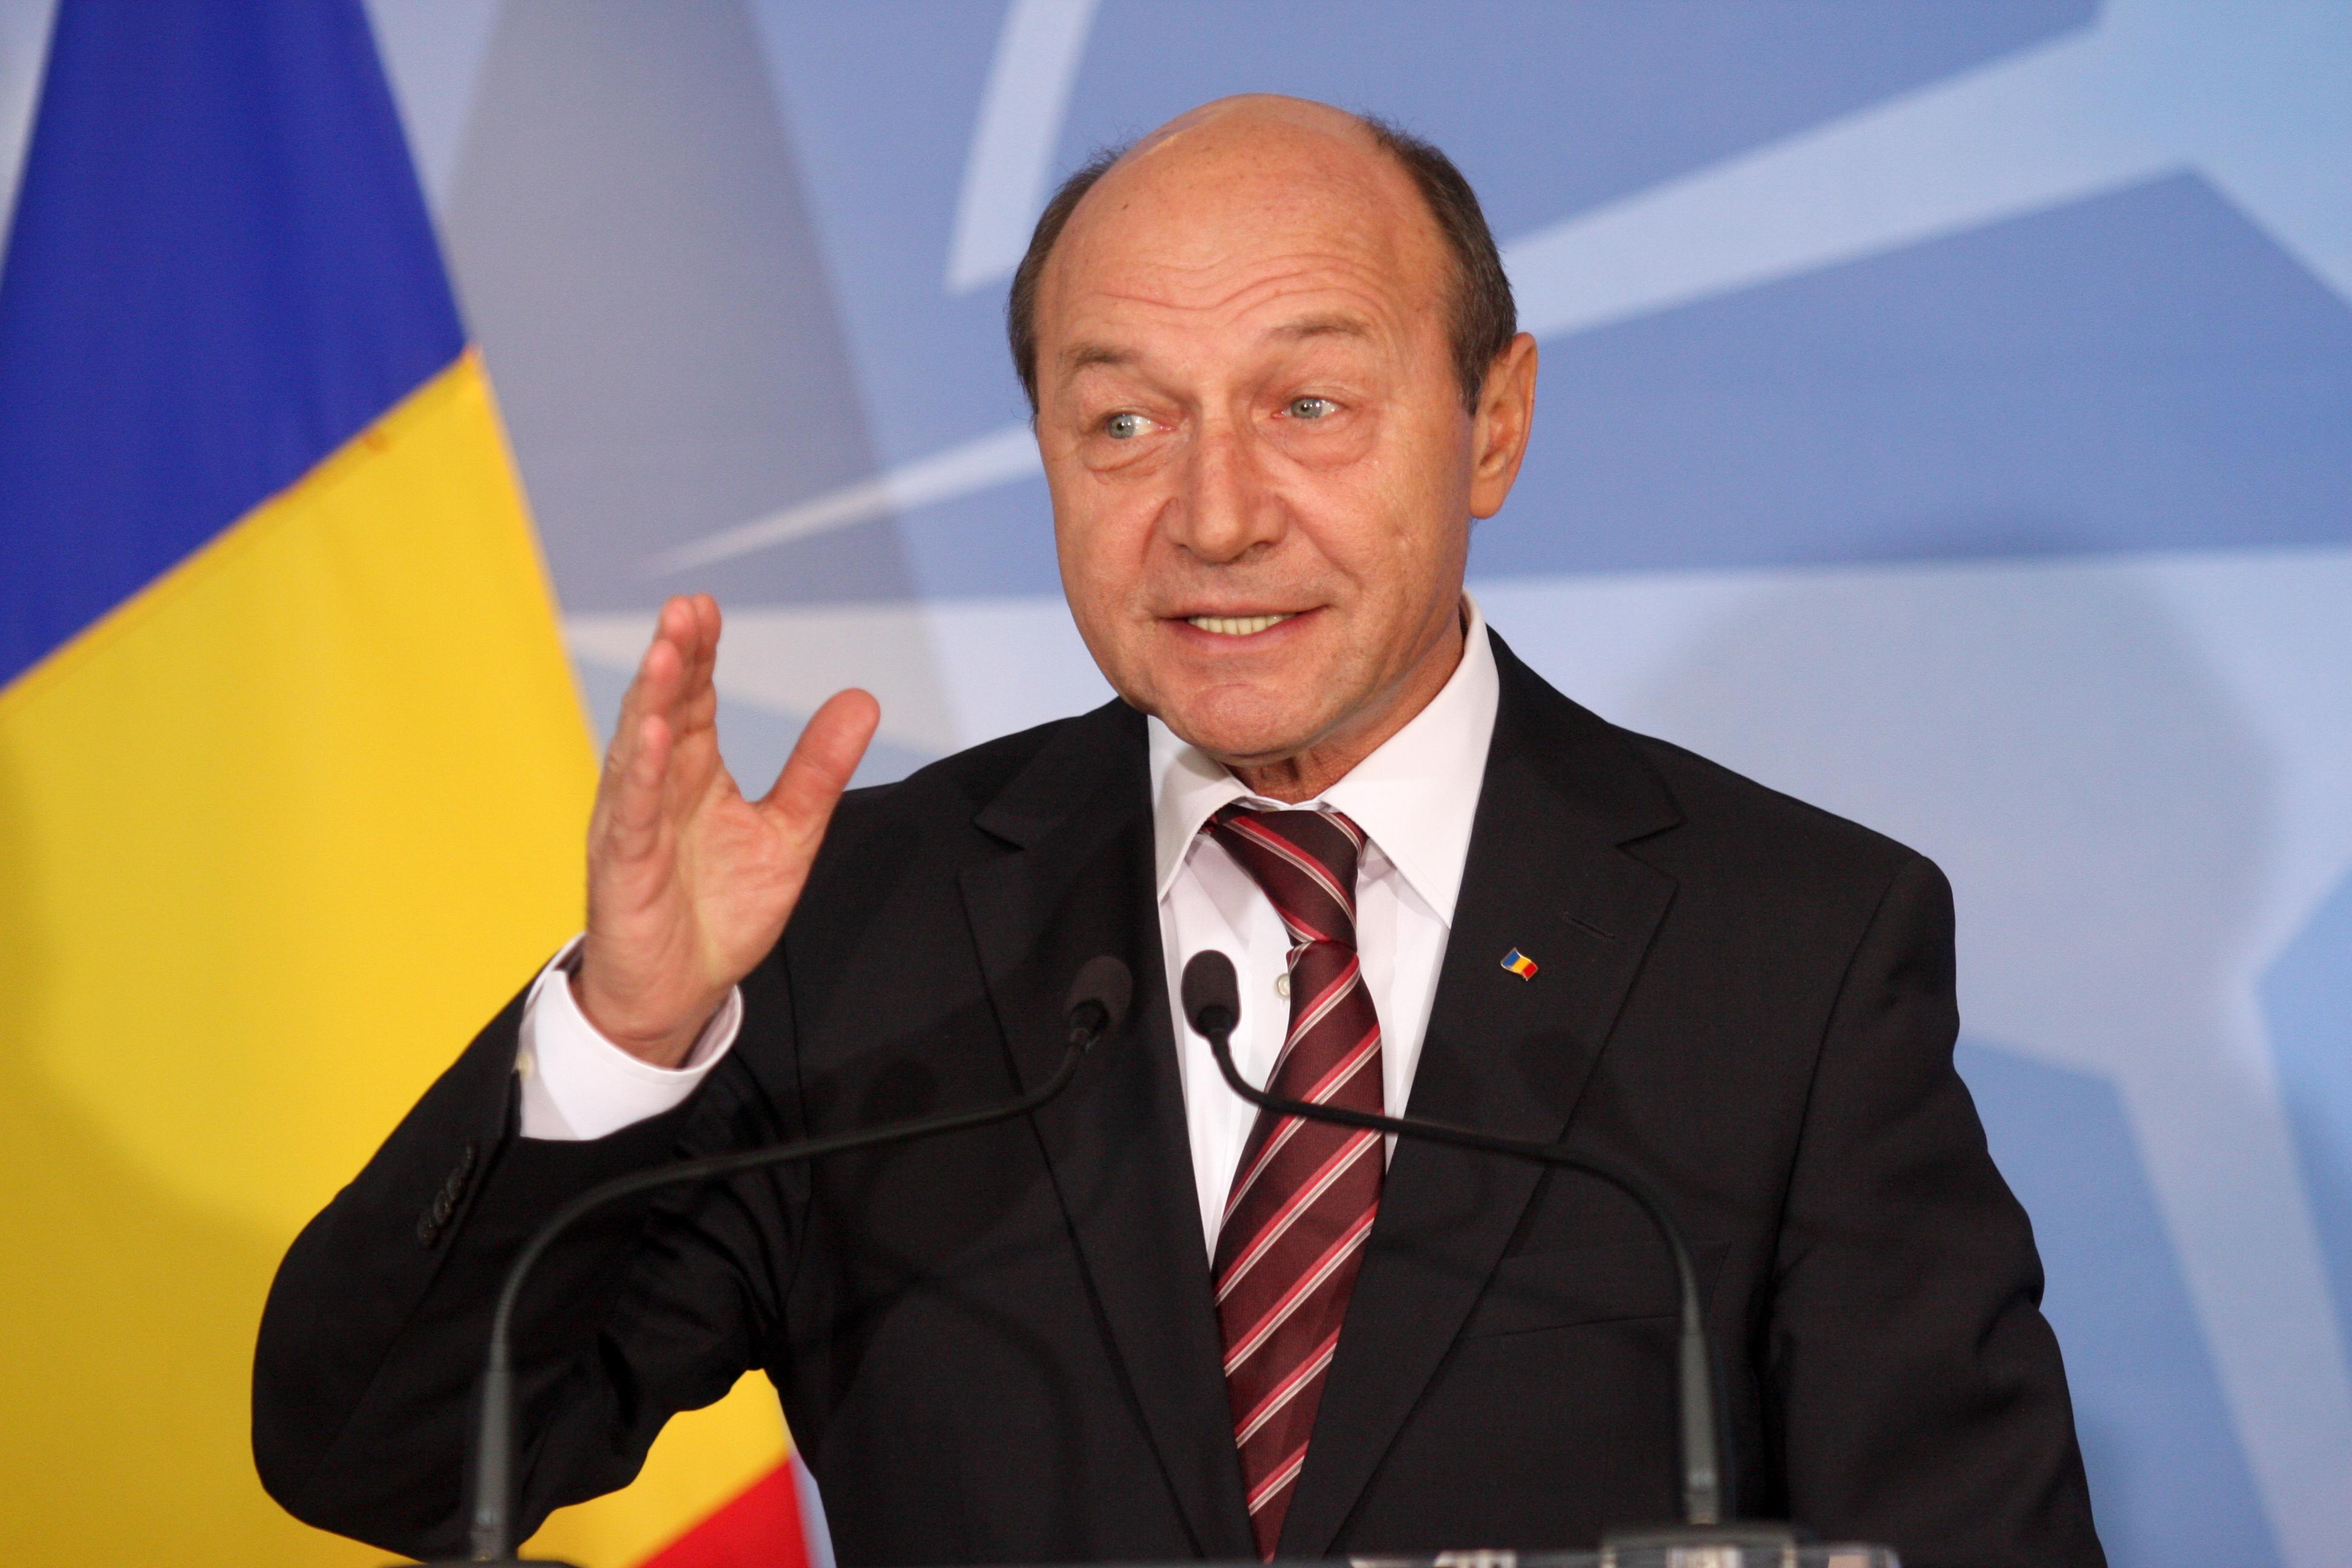 Cele trei scenarii in scandalul Basescu-Rogozin. Ce se ascunde in spatele amenintarilor oficialului rus